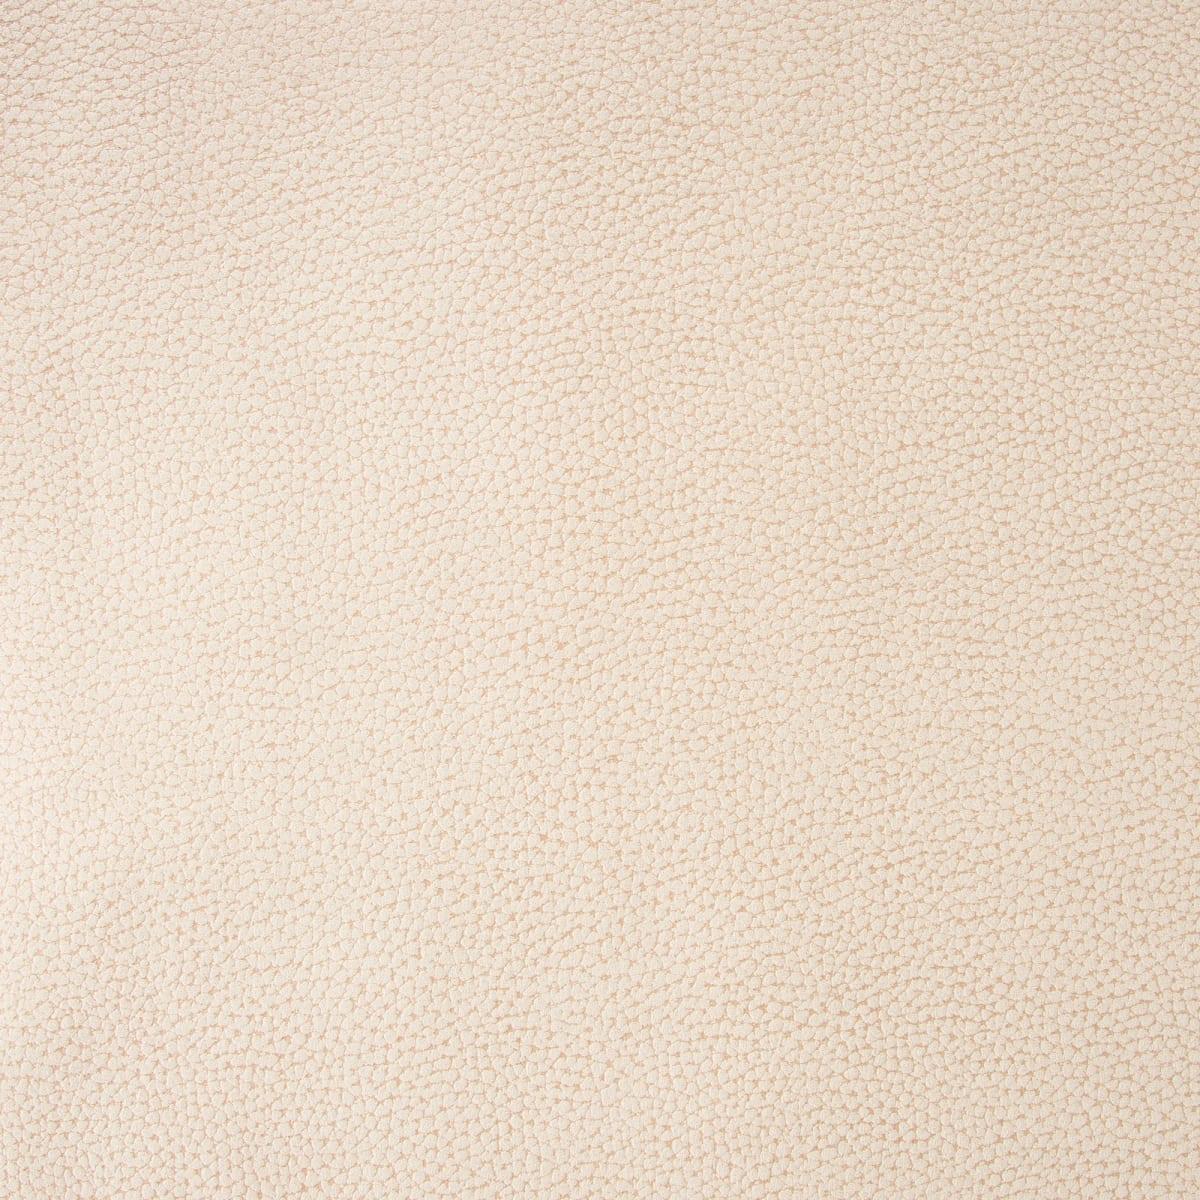 Ткань для мебели купить в рязани ткани натуральный шелк купить в москве